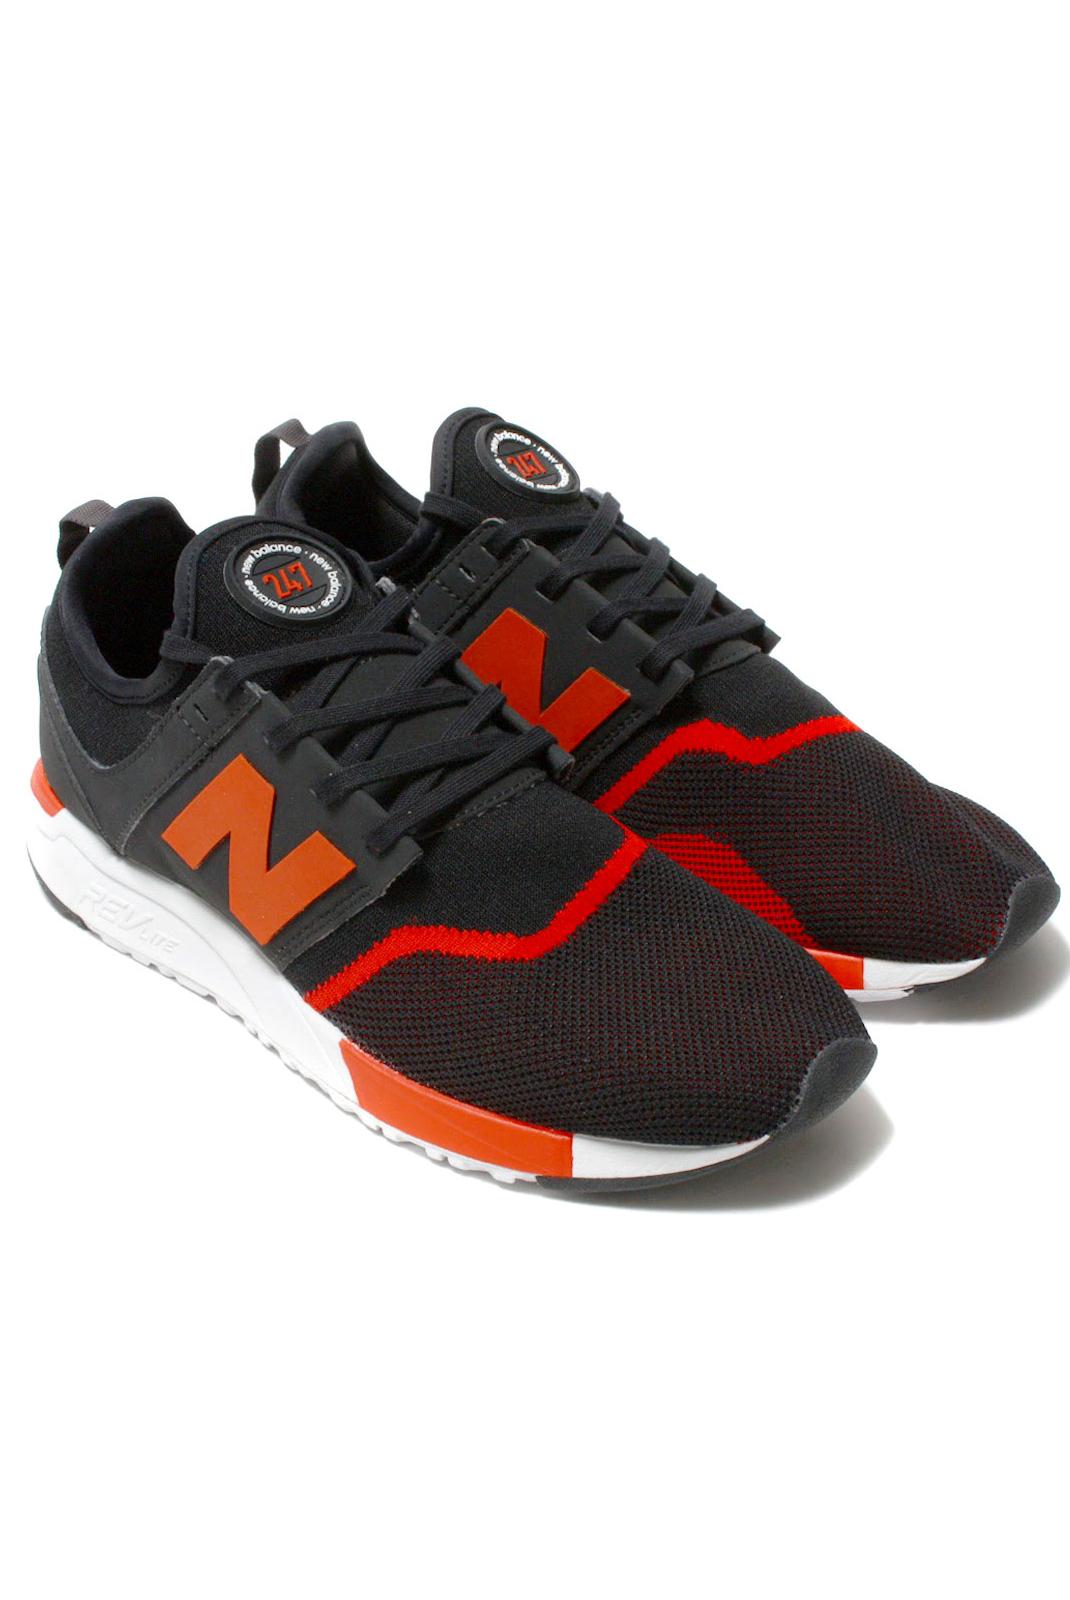 Chaussures   New balance MRL247GR NOIR